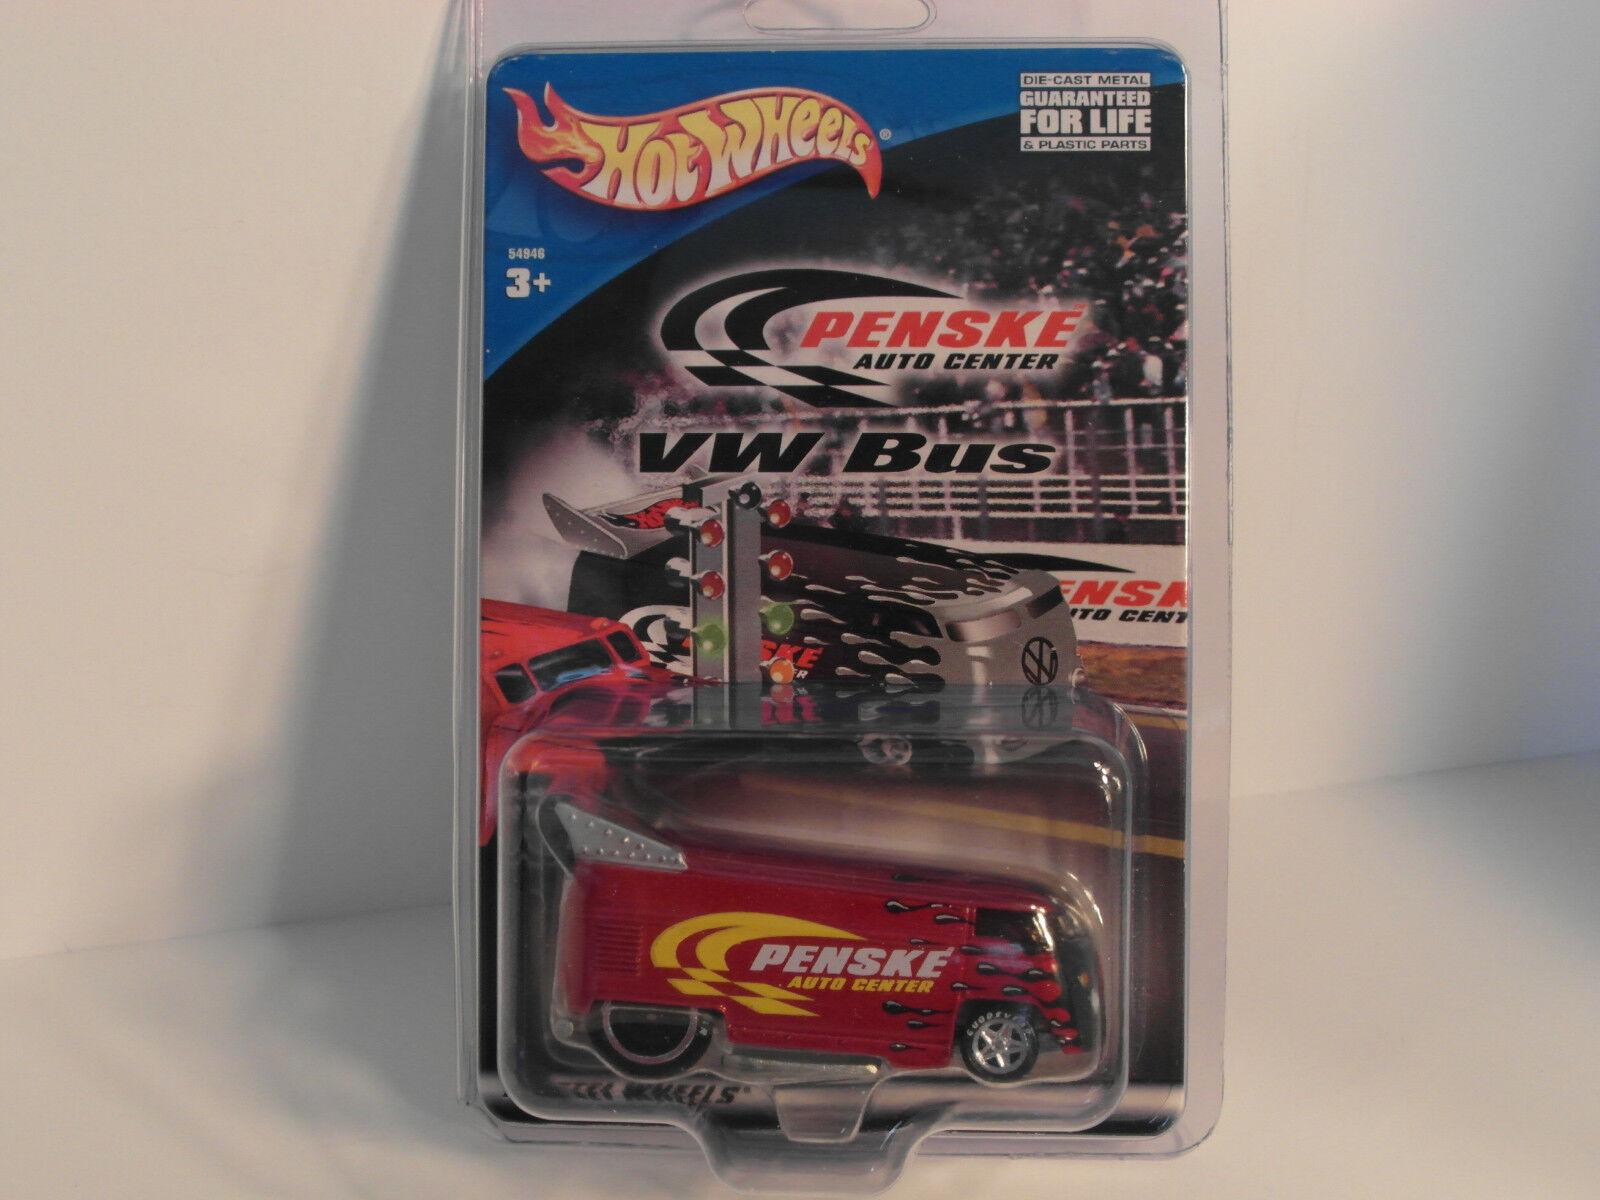 para barato 2001 libertad promociones Penske  Borgoña  HW Hotwheels Hotwheels Hotwheels Vw Drag Bus muy difícil de encontrar  precioso